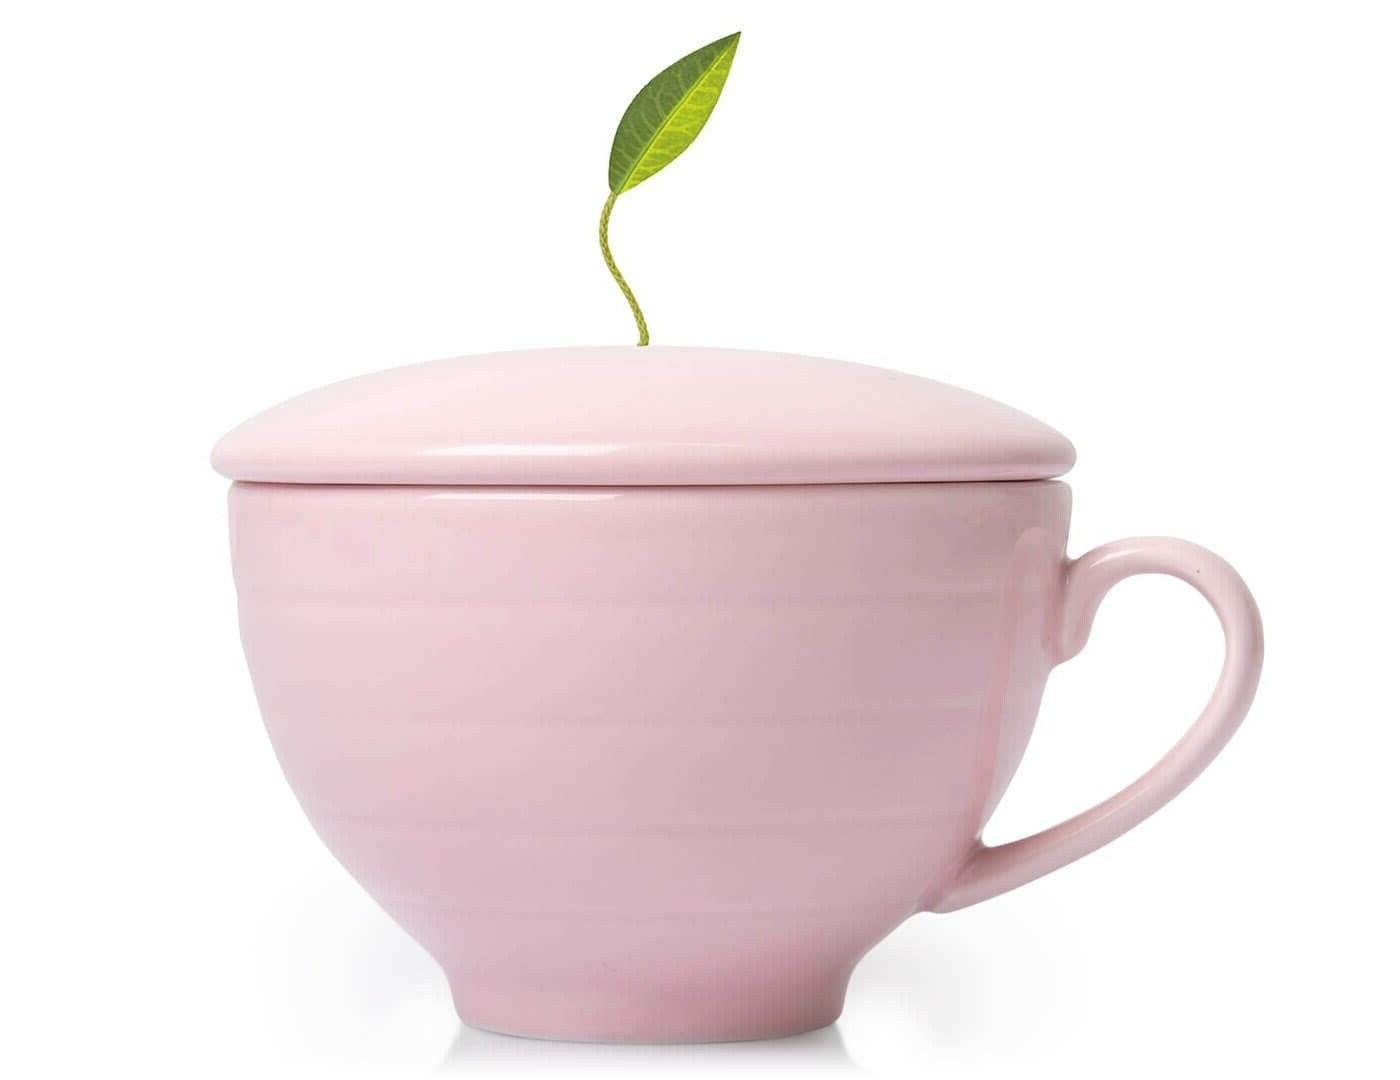 Tea Forte Jardin Gift Cup Botanical Foodie Gourmet